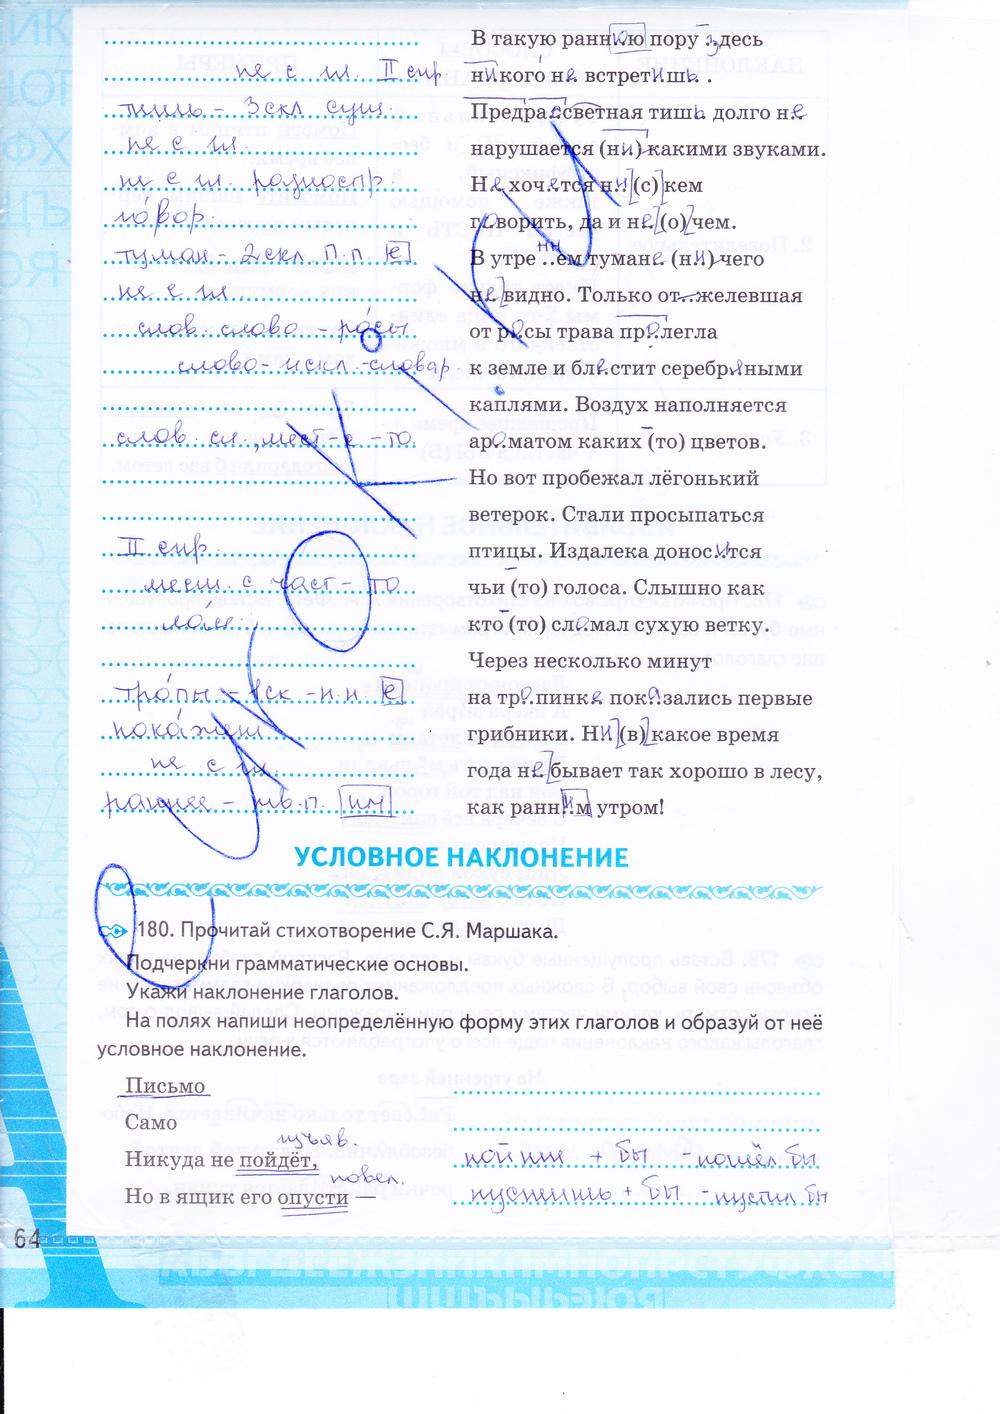 Гдз по русскому 6 класс рабочая тетрадь баранова ладыженская